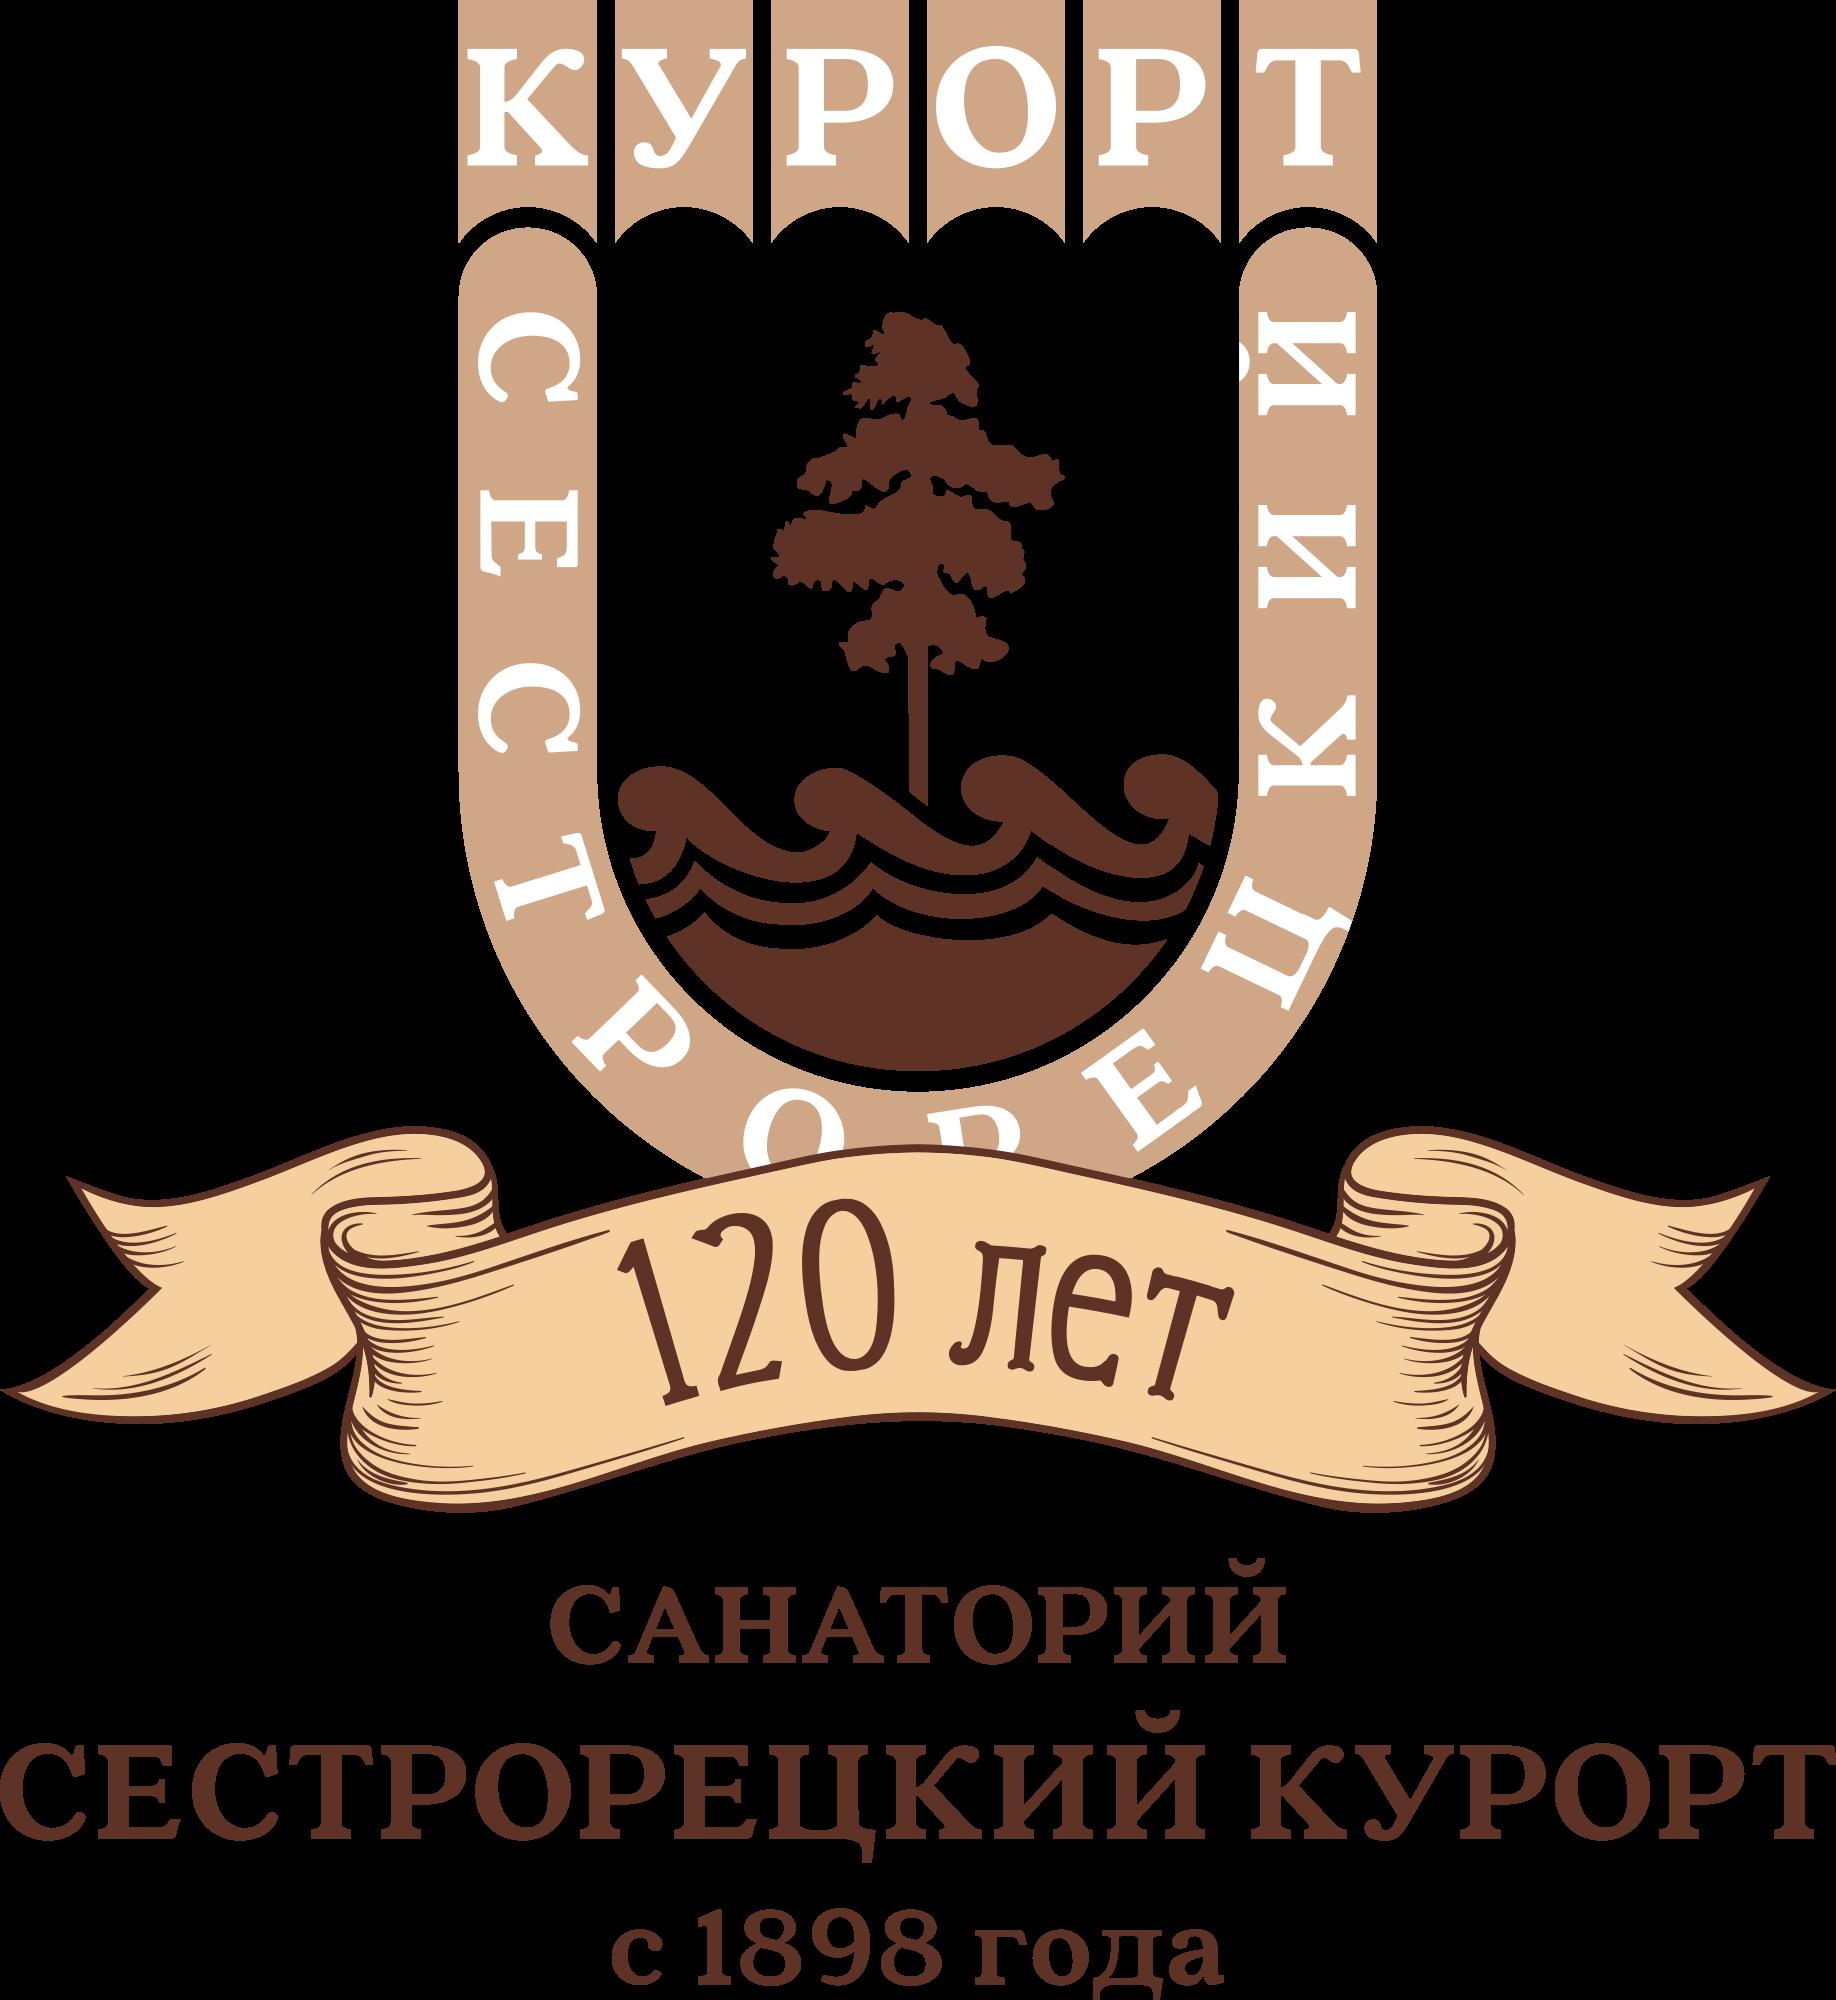 Векторный логотип Сестрорецкого курорта - 200 лет